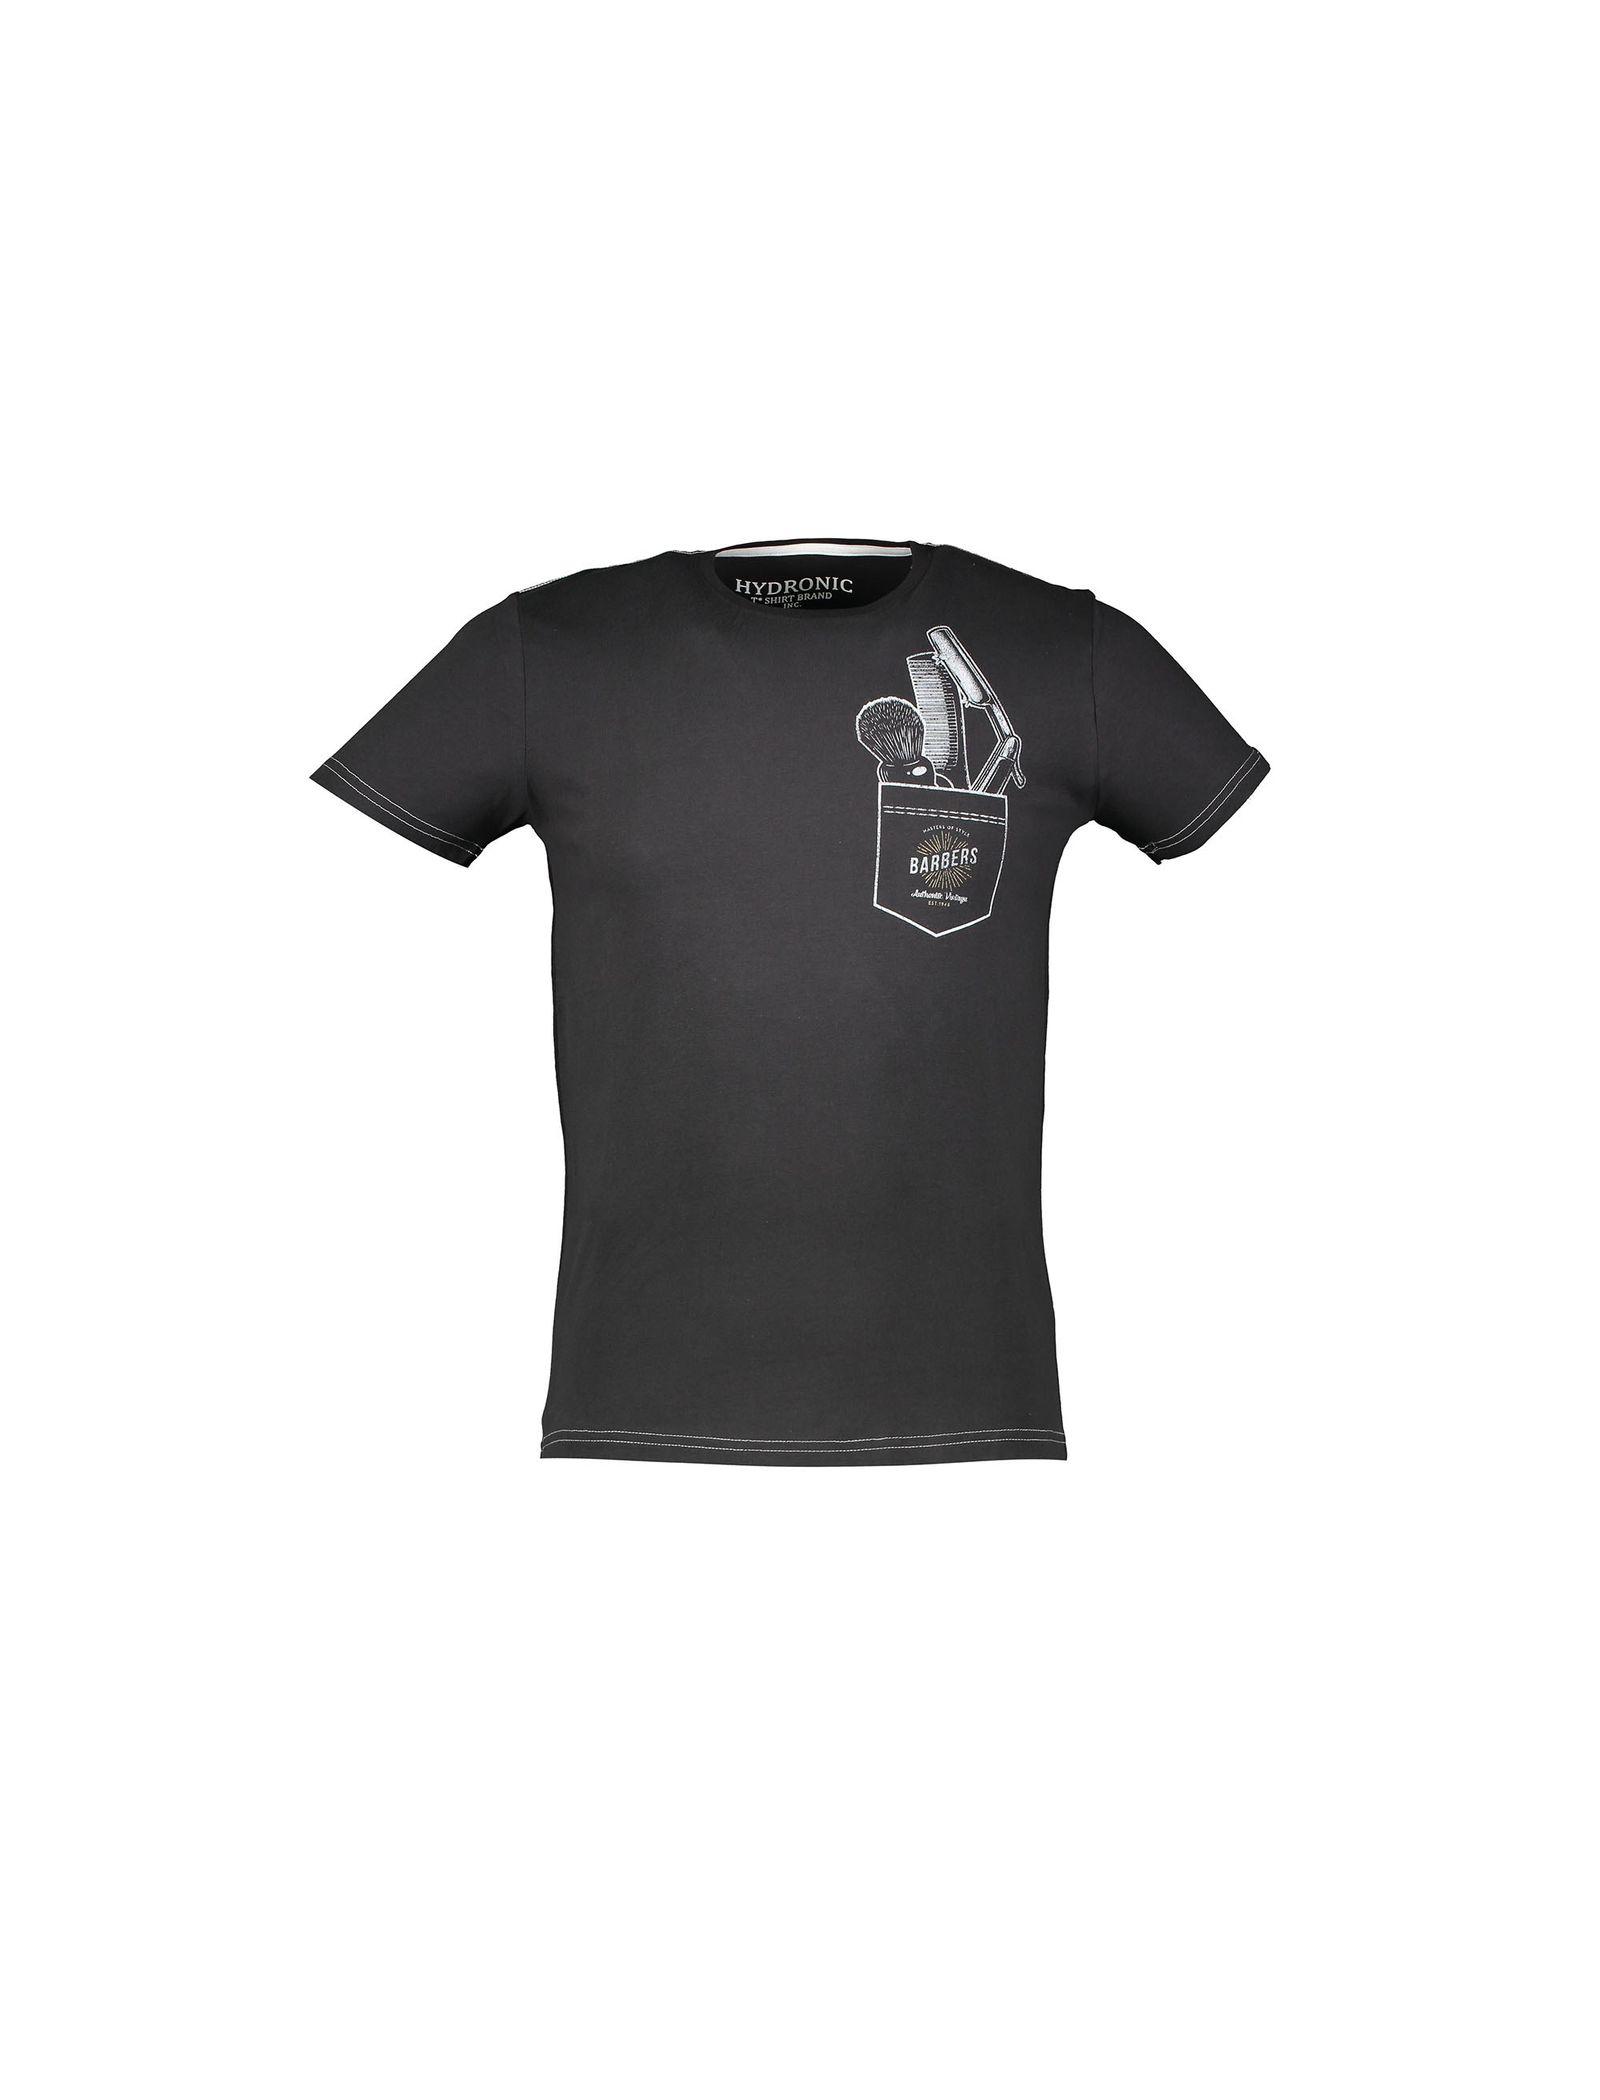 تی شرت نخی یقه گرد زنانه - یوپیم - مشکي - 1